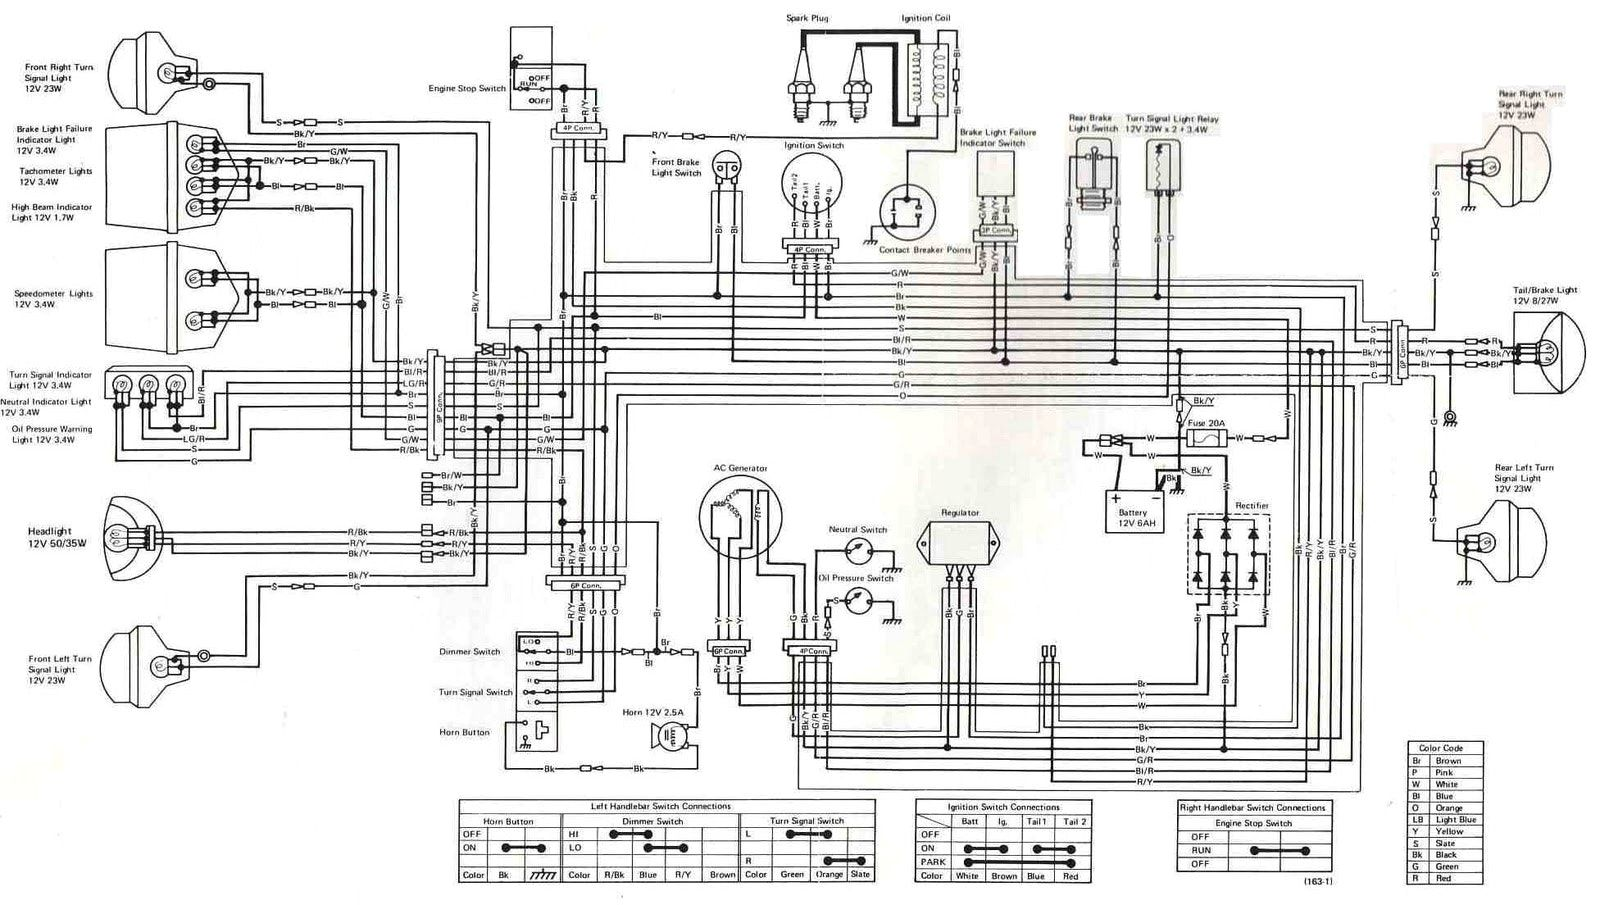 kawasaki zx7r wiring diagram wiring diagram schematic